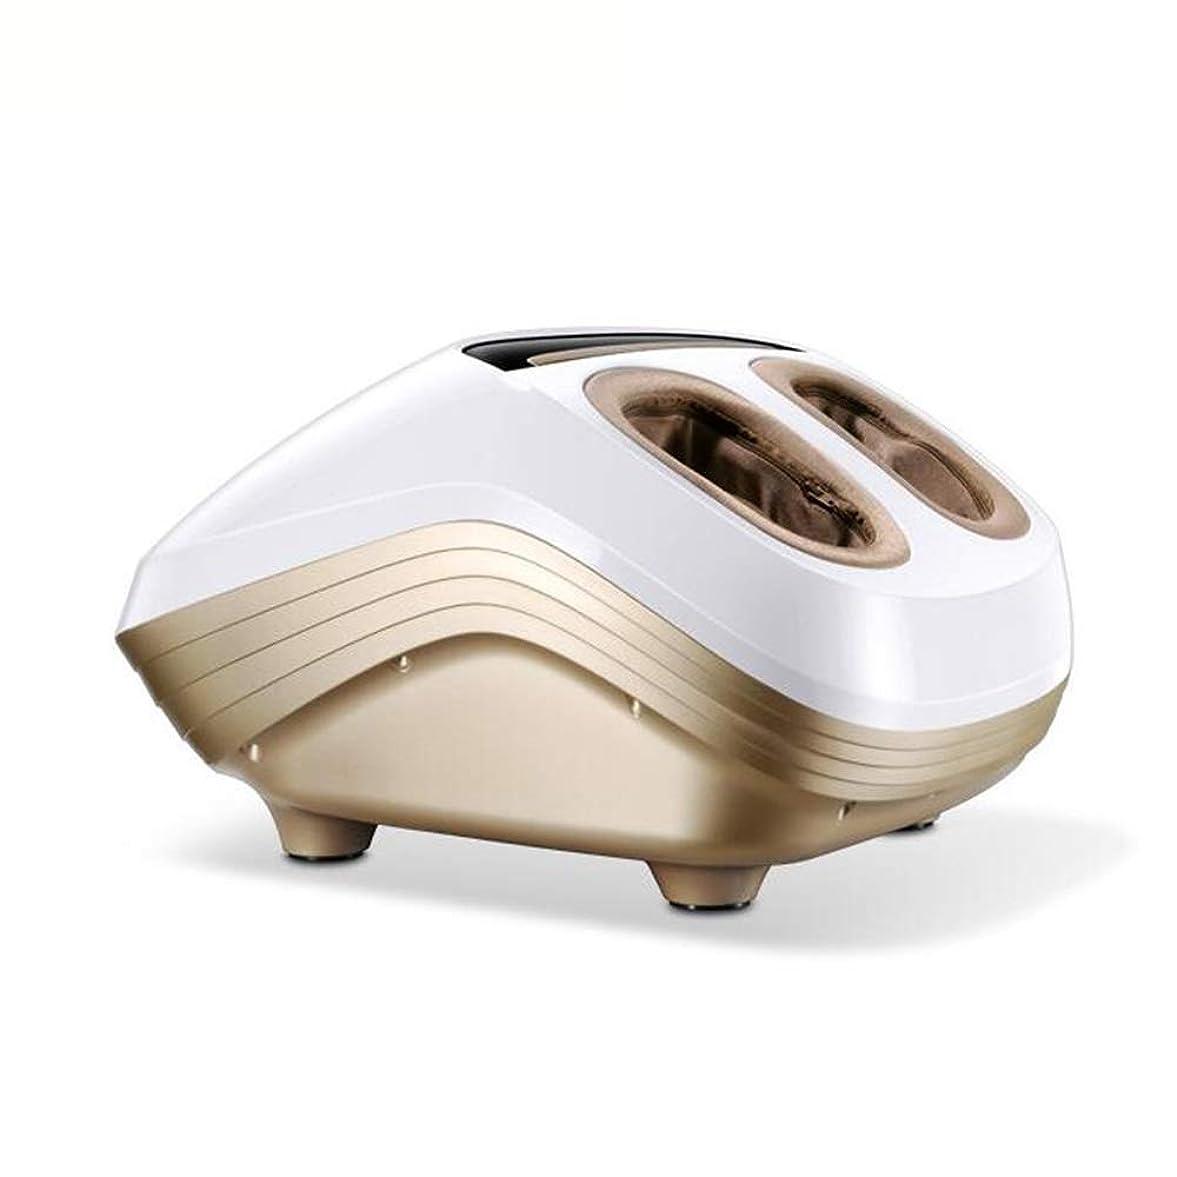 適用済み荒涼とした徒歩でJIAYUAN マッサージクッション フットマッサージャー、熱機能付き電動指圧フットマッサージ機、調整可能な強度、空気圧、深部3D混練ローリング振動は足底筋膜炎を緩和します